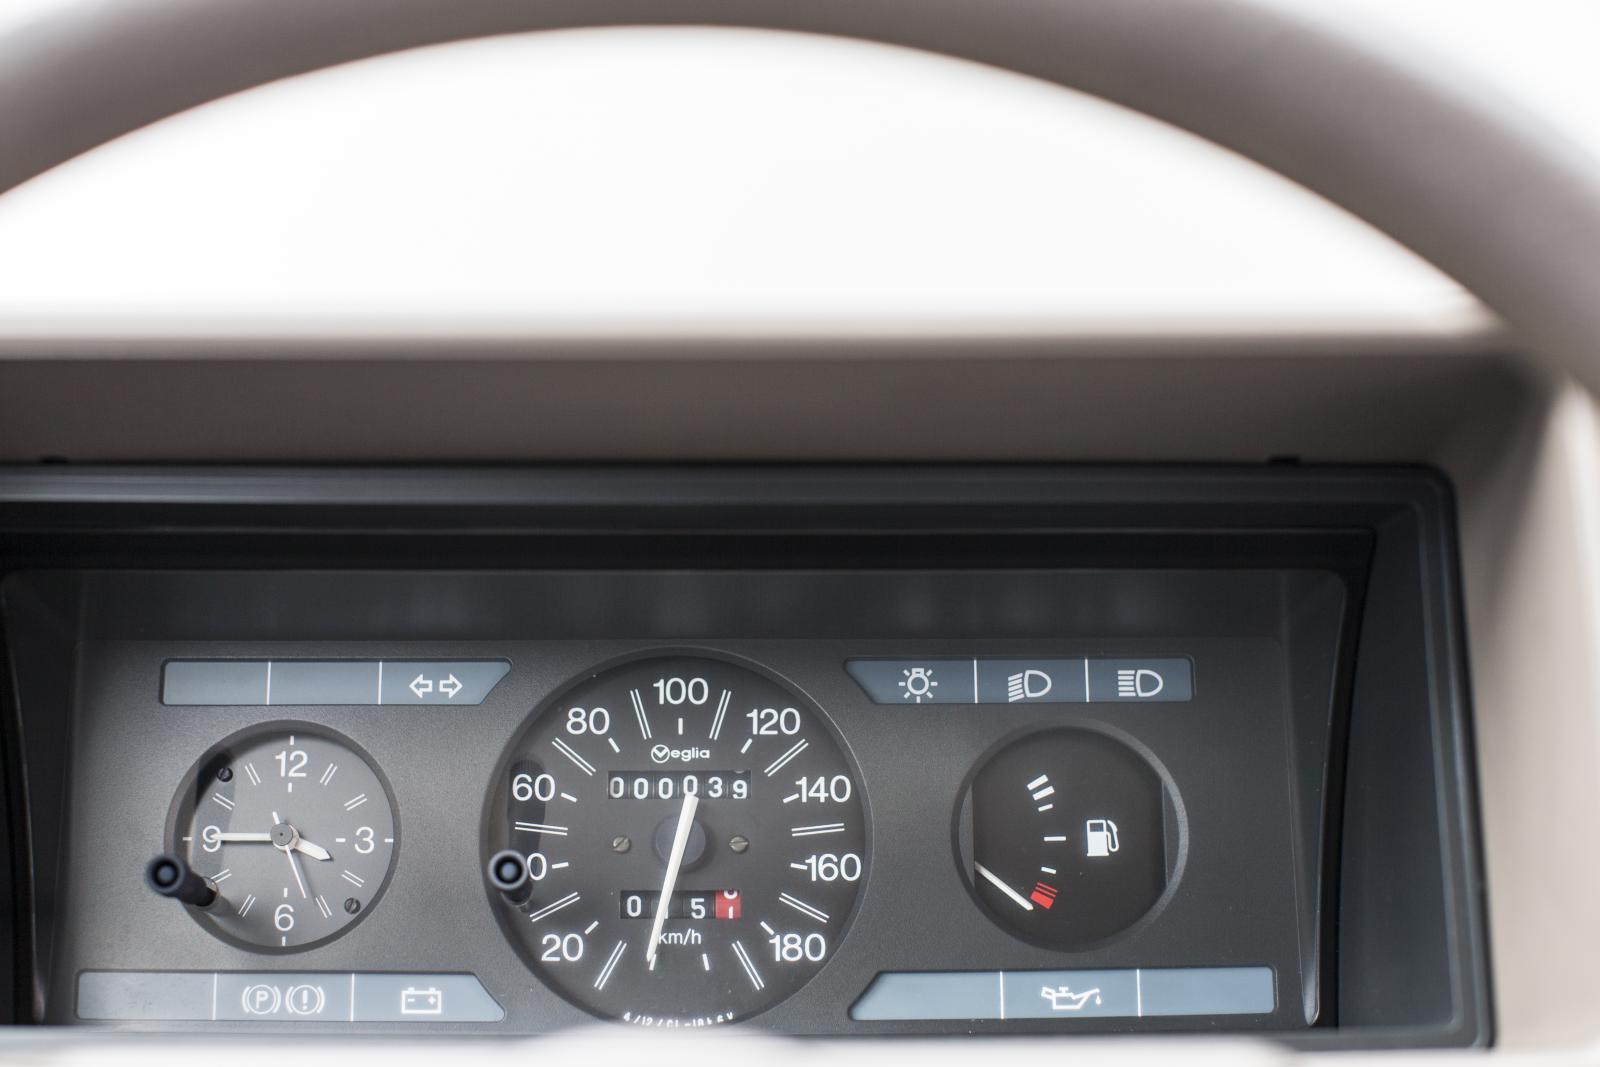 AX compteur de vitesse